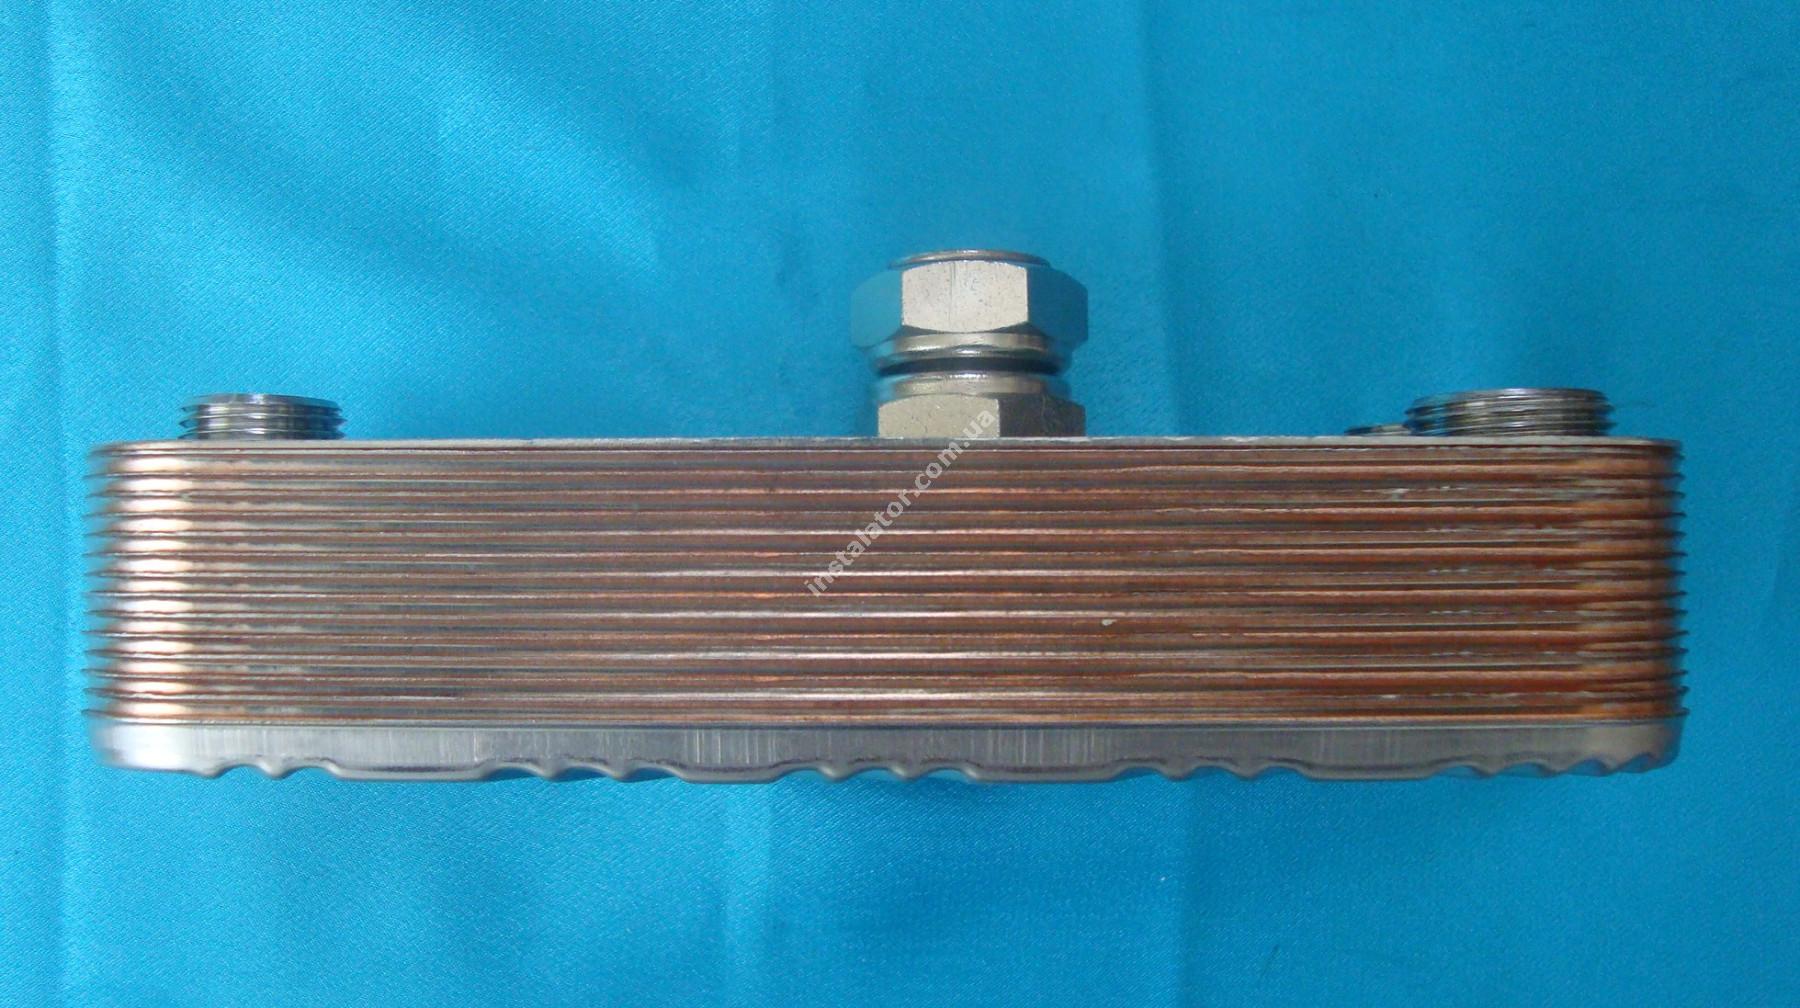 17B1901502 Теплообменник вторичный (ГВС) 15 пластин ZILMET full-image-0